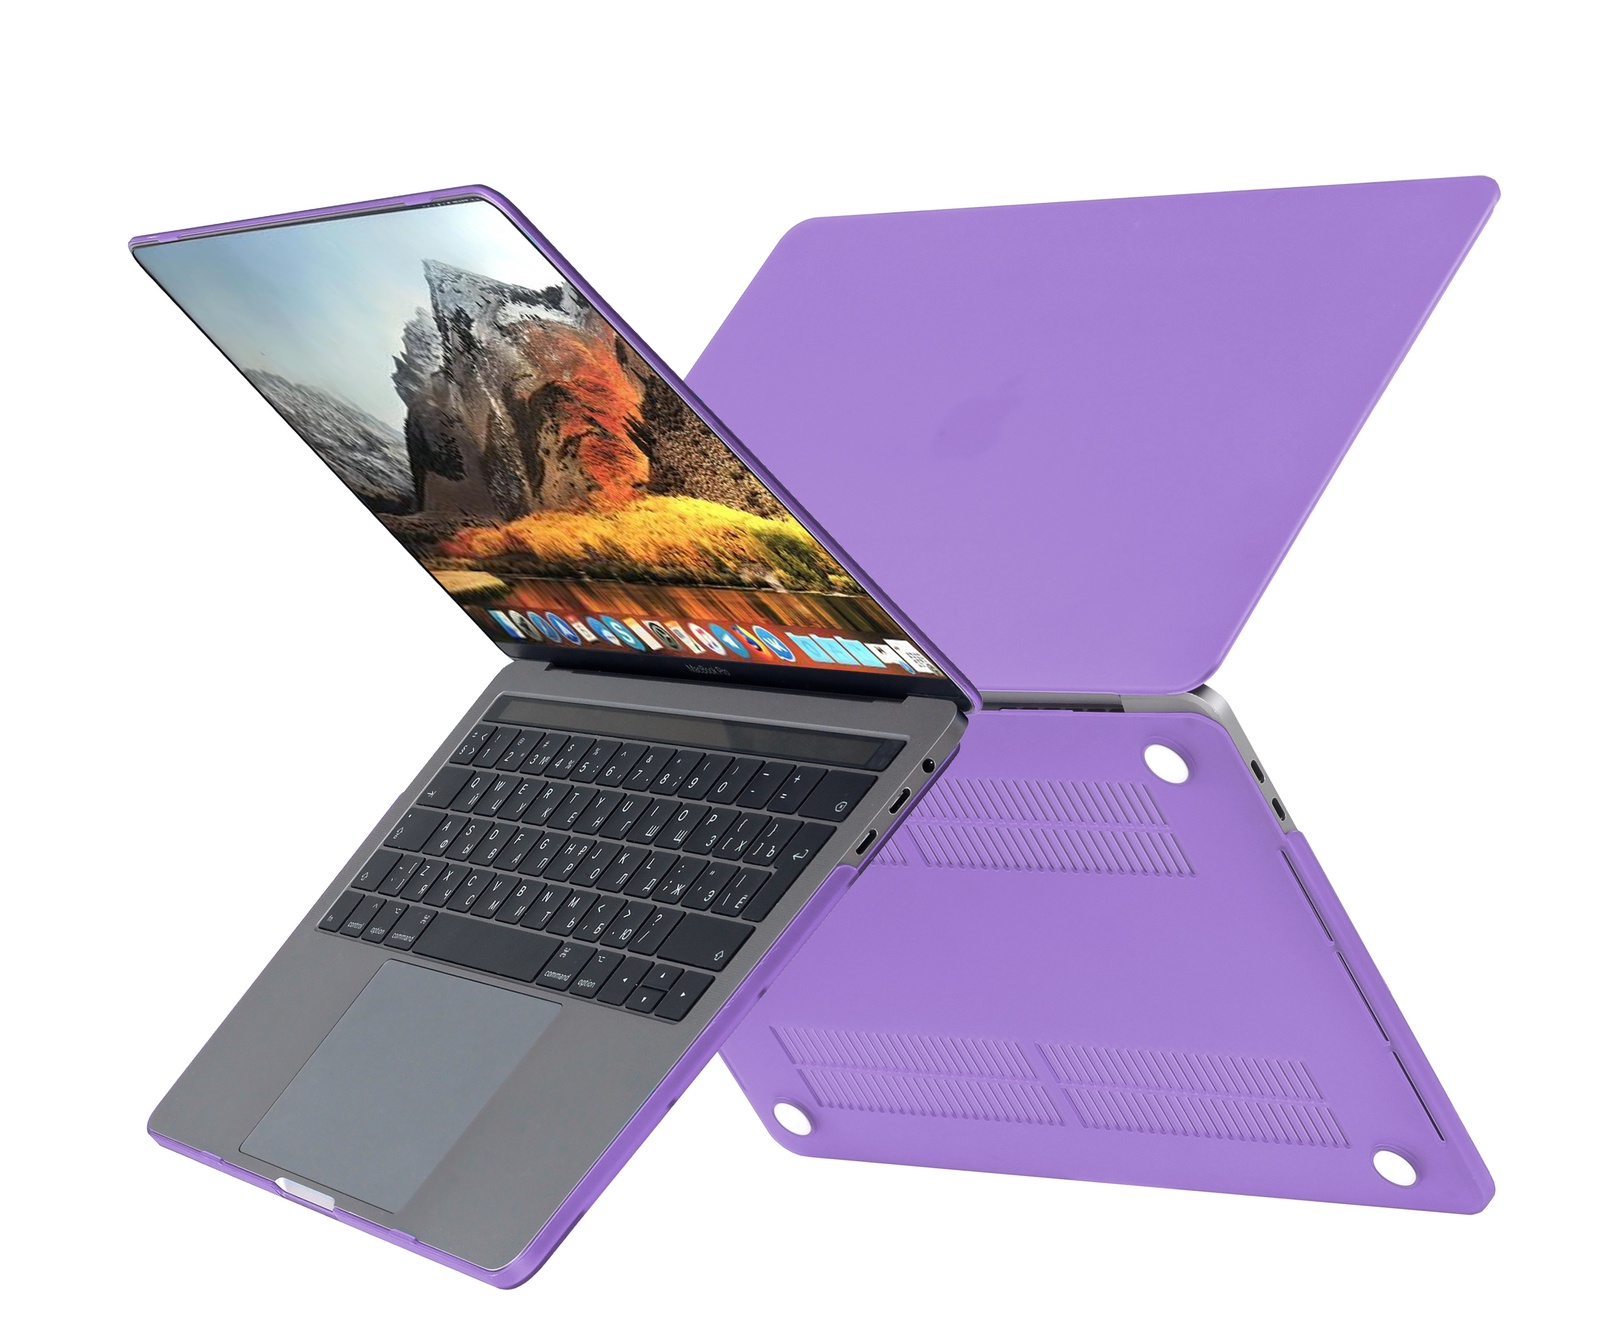 Чехол HardShell Case для Macbook 12, фиолетовый